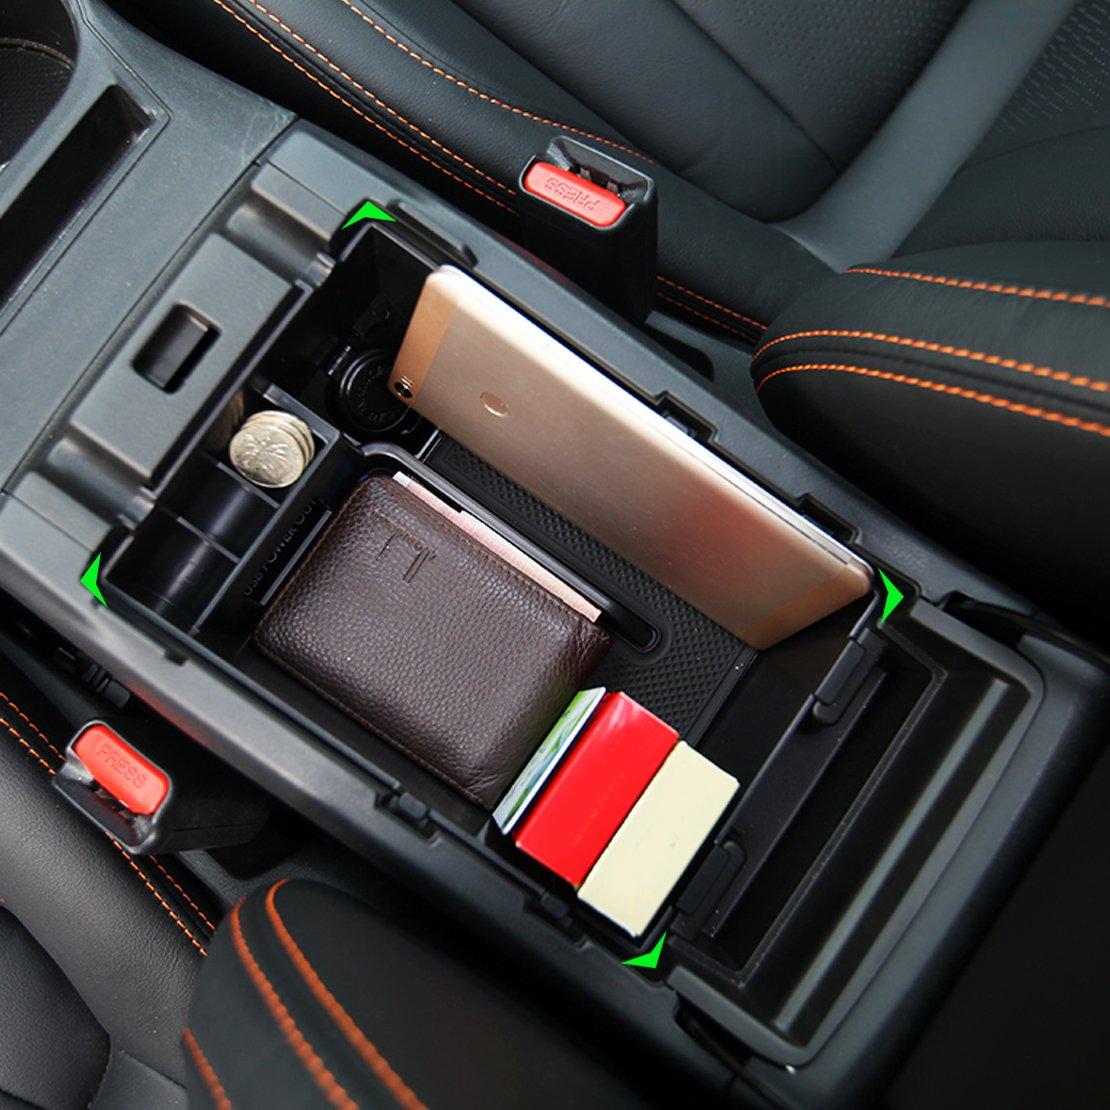 CITALL Sekund/äre Mittelkonsole Aufbewahrungsbox Armlehne Handschuhfach Koffer